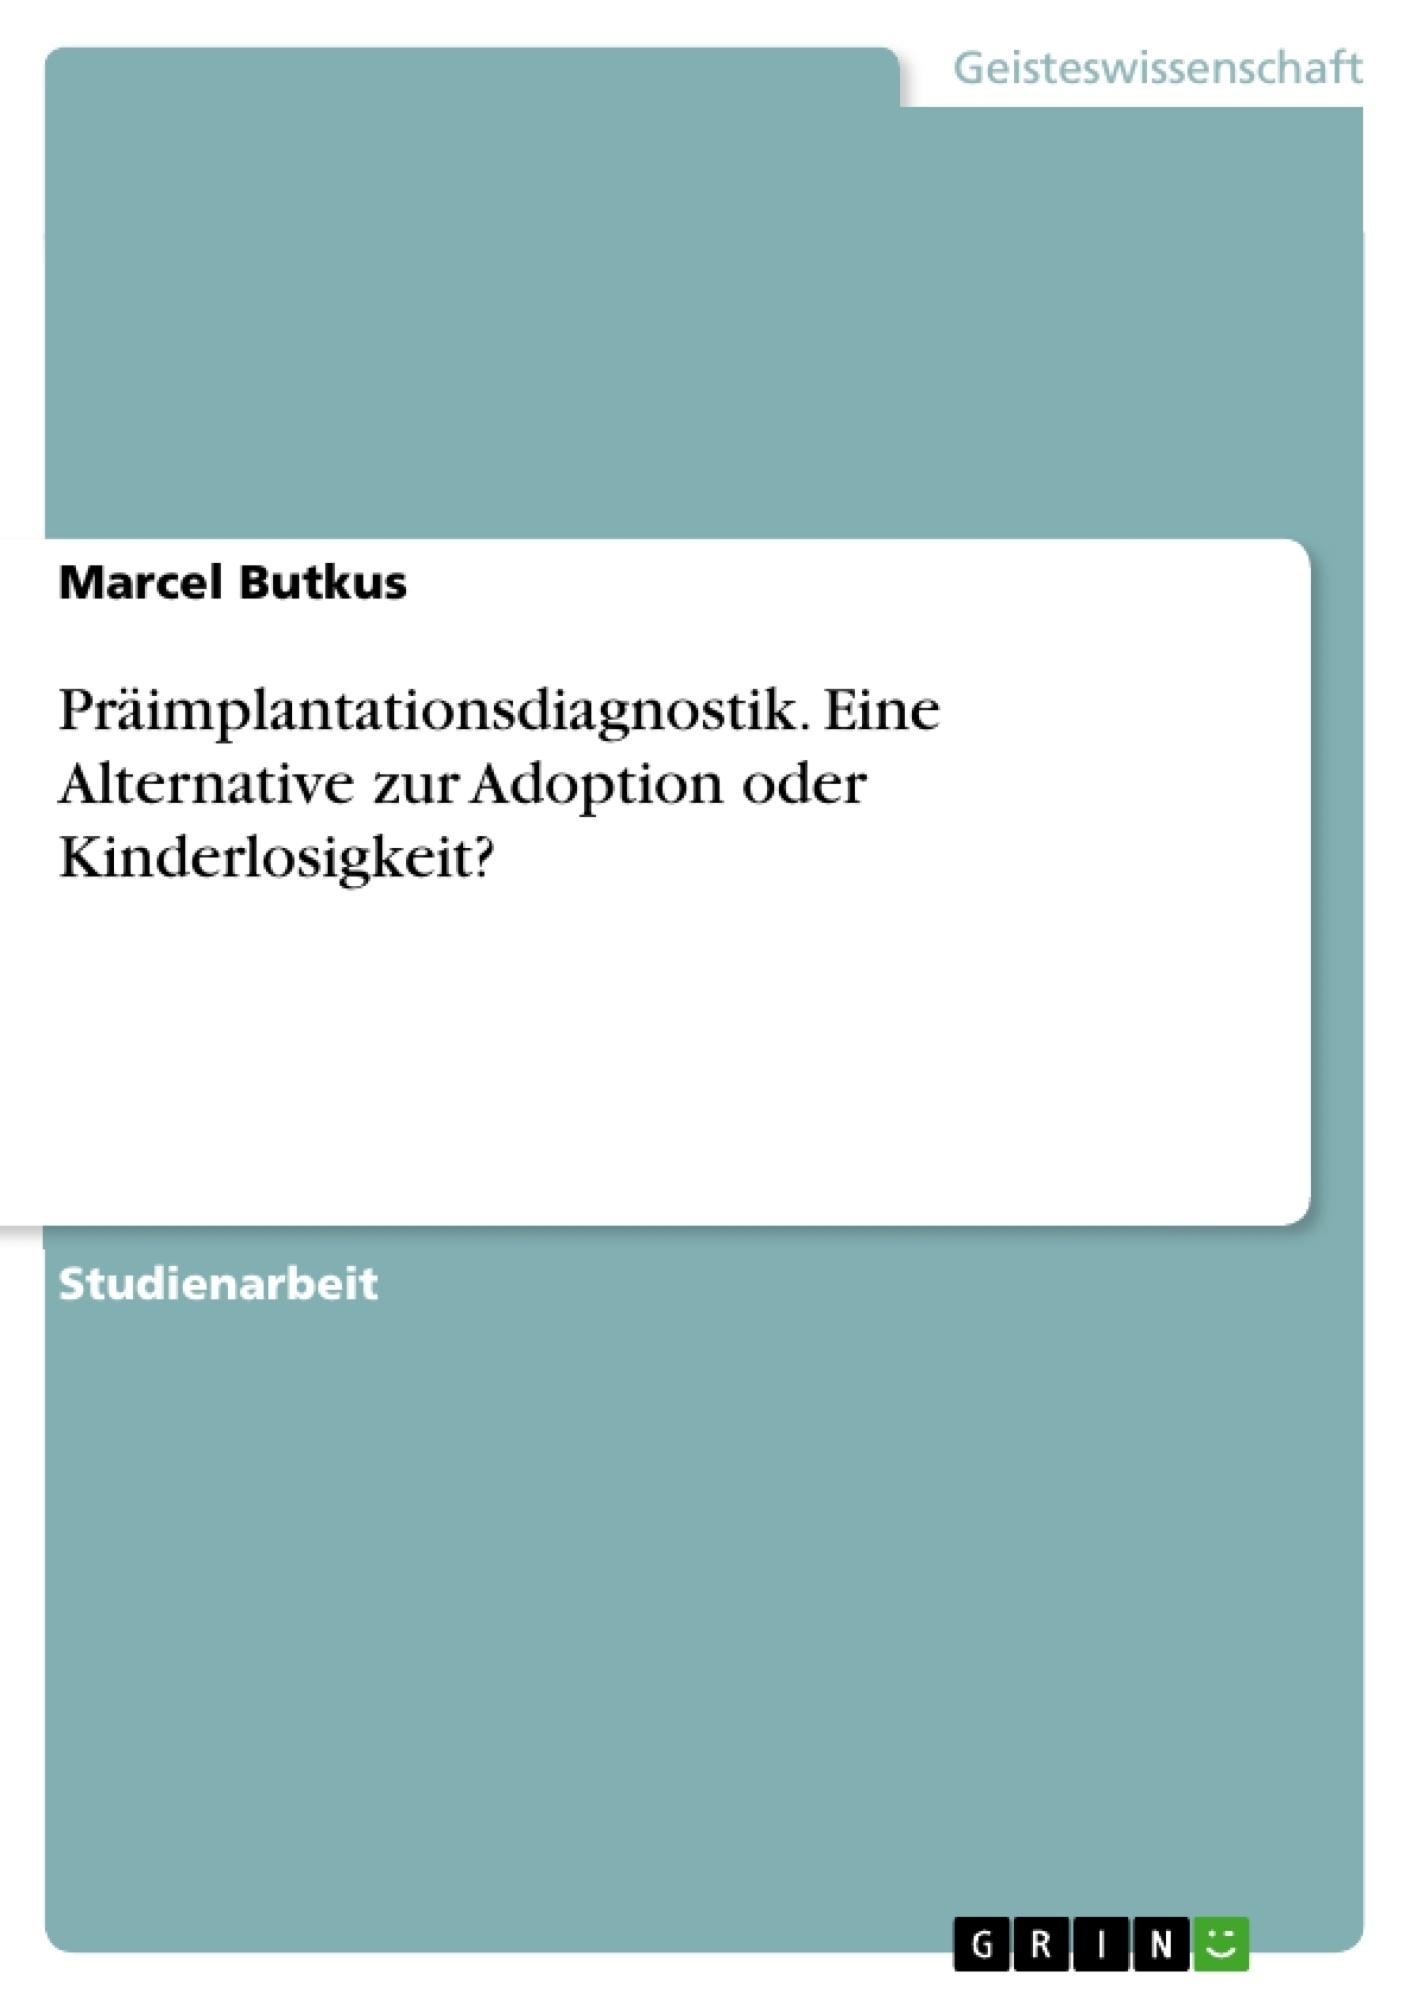 Titel: Präimplantationsdiagnostik. Eine Alternative zur Adoption oder Kinderlosigkeit?